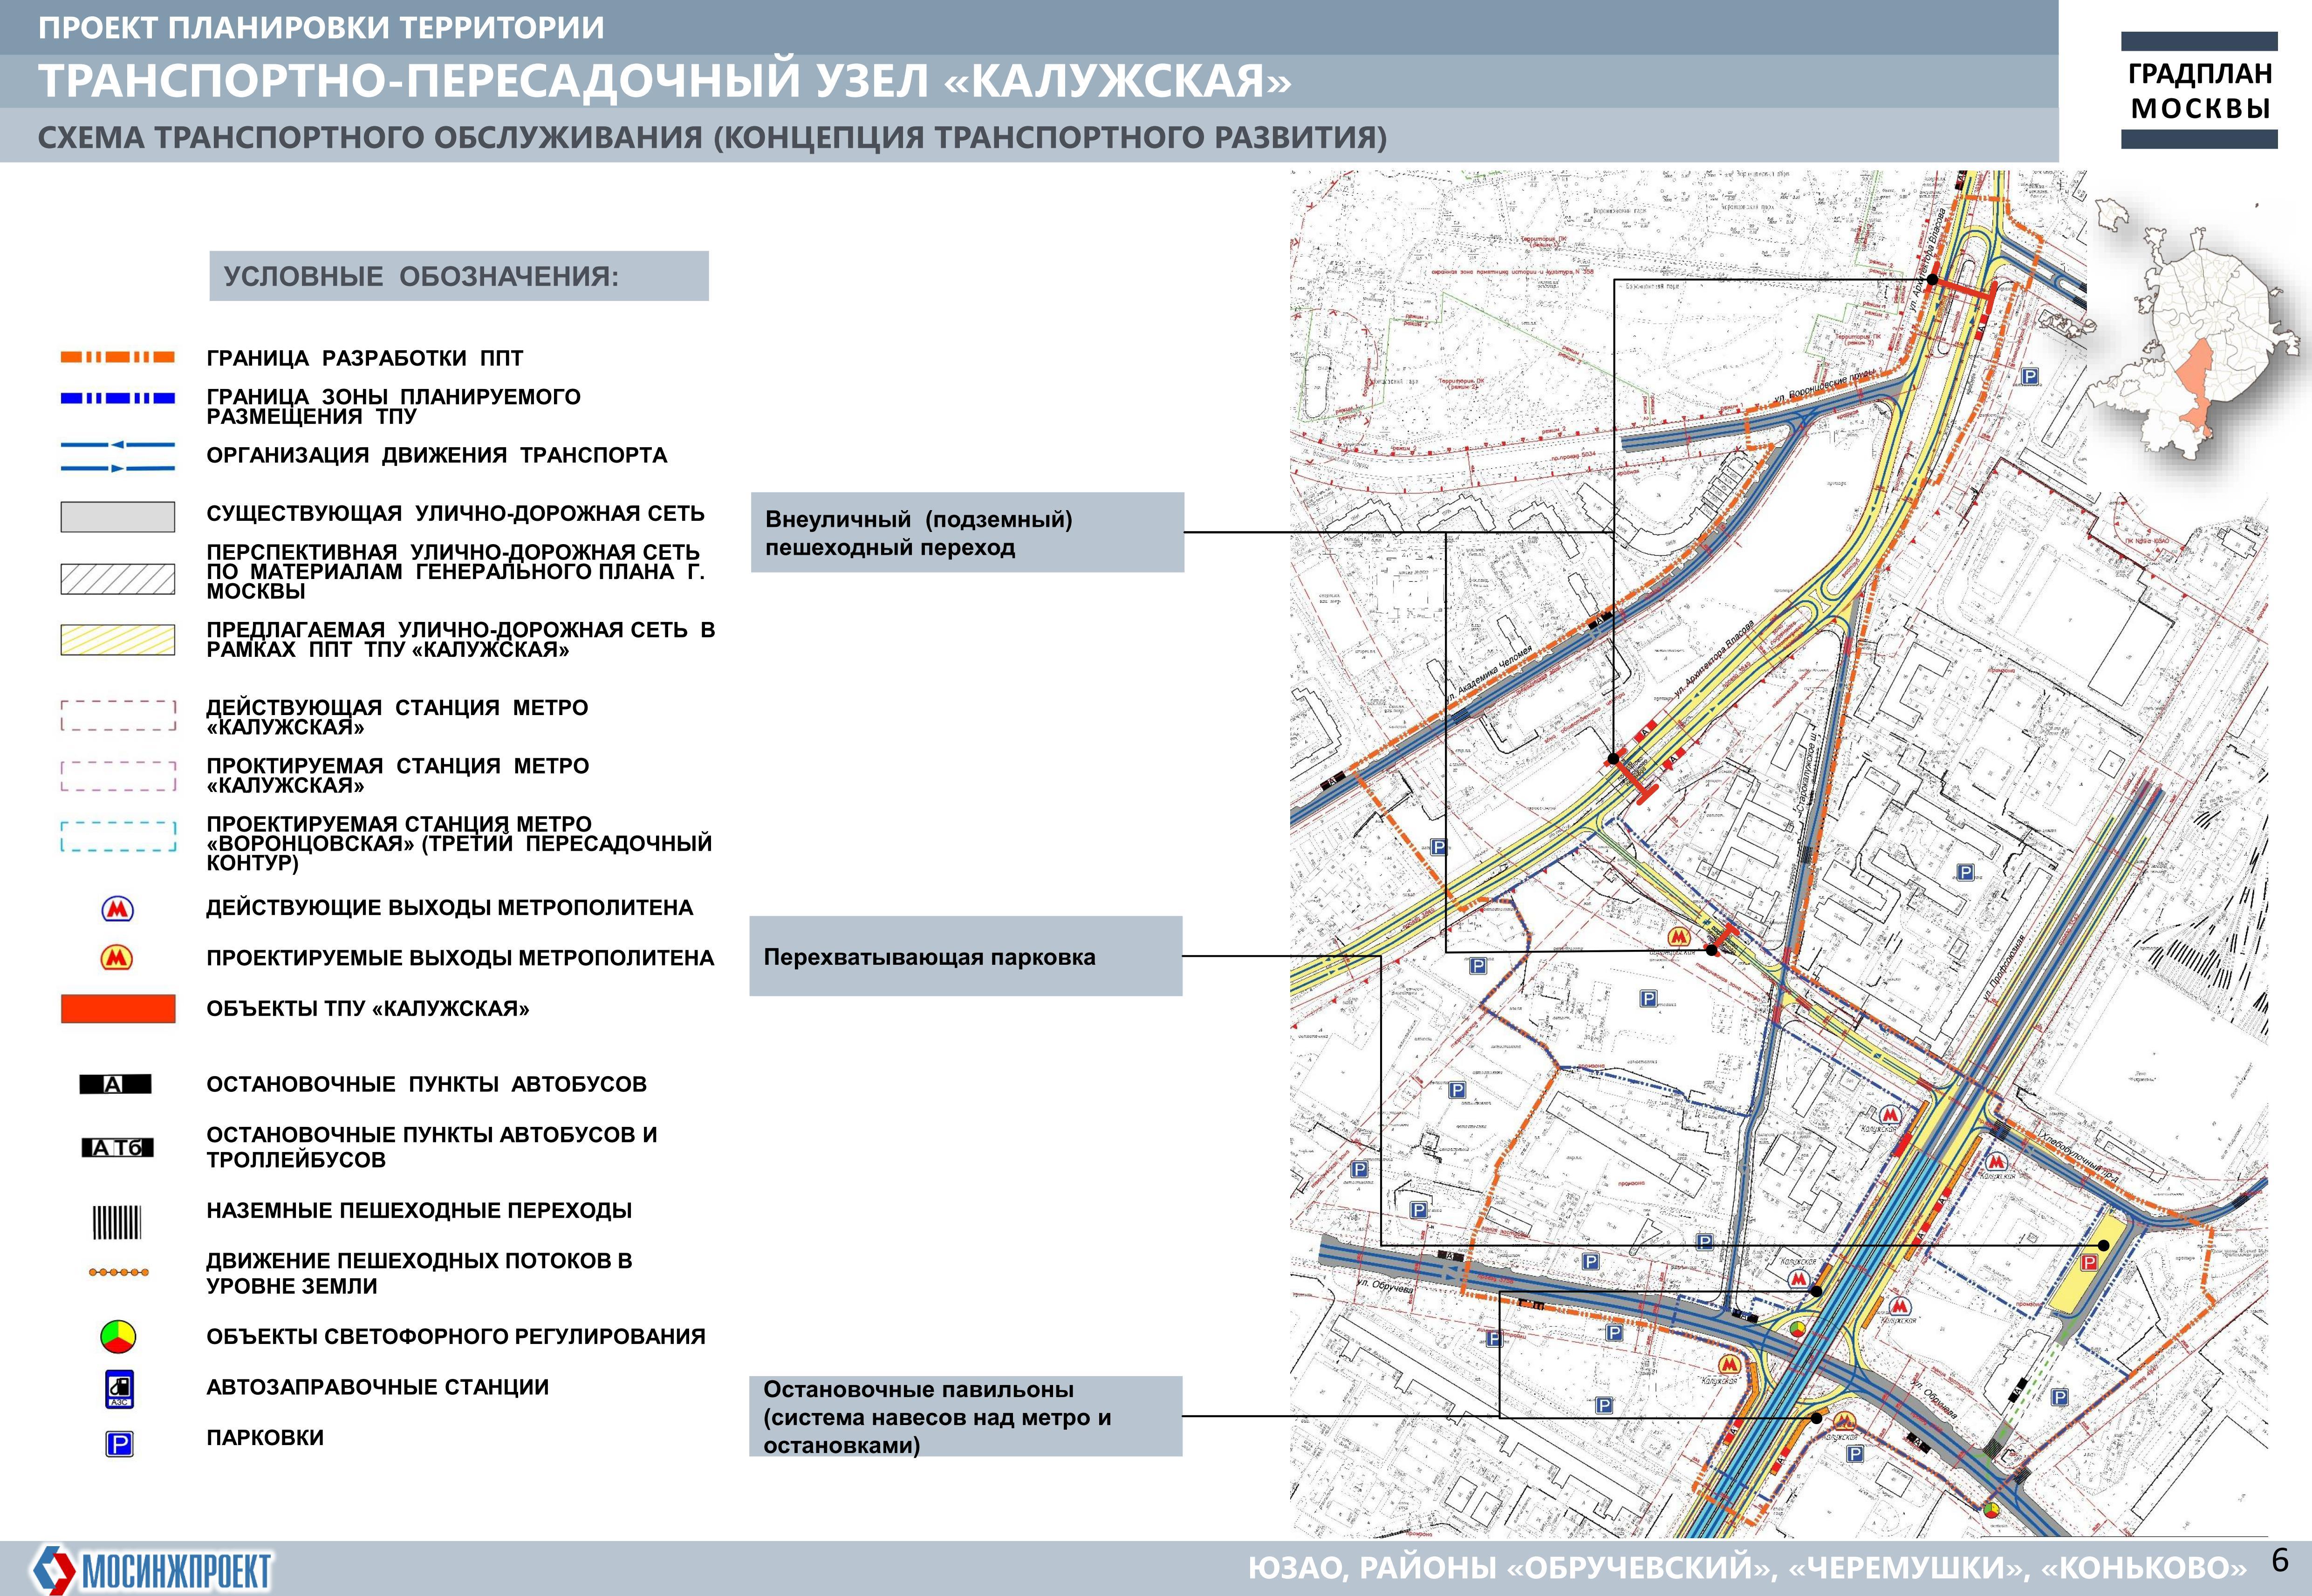 12ТПУ Калужская презентация ППТ-6